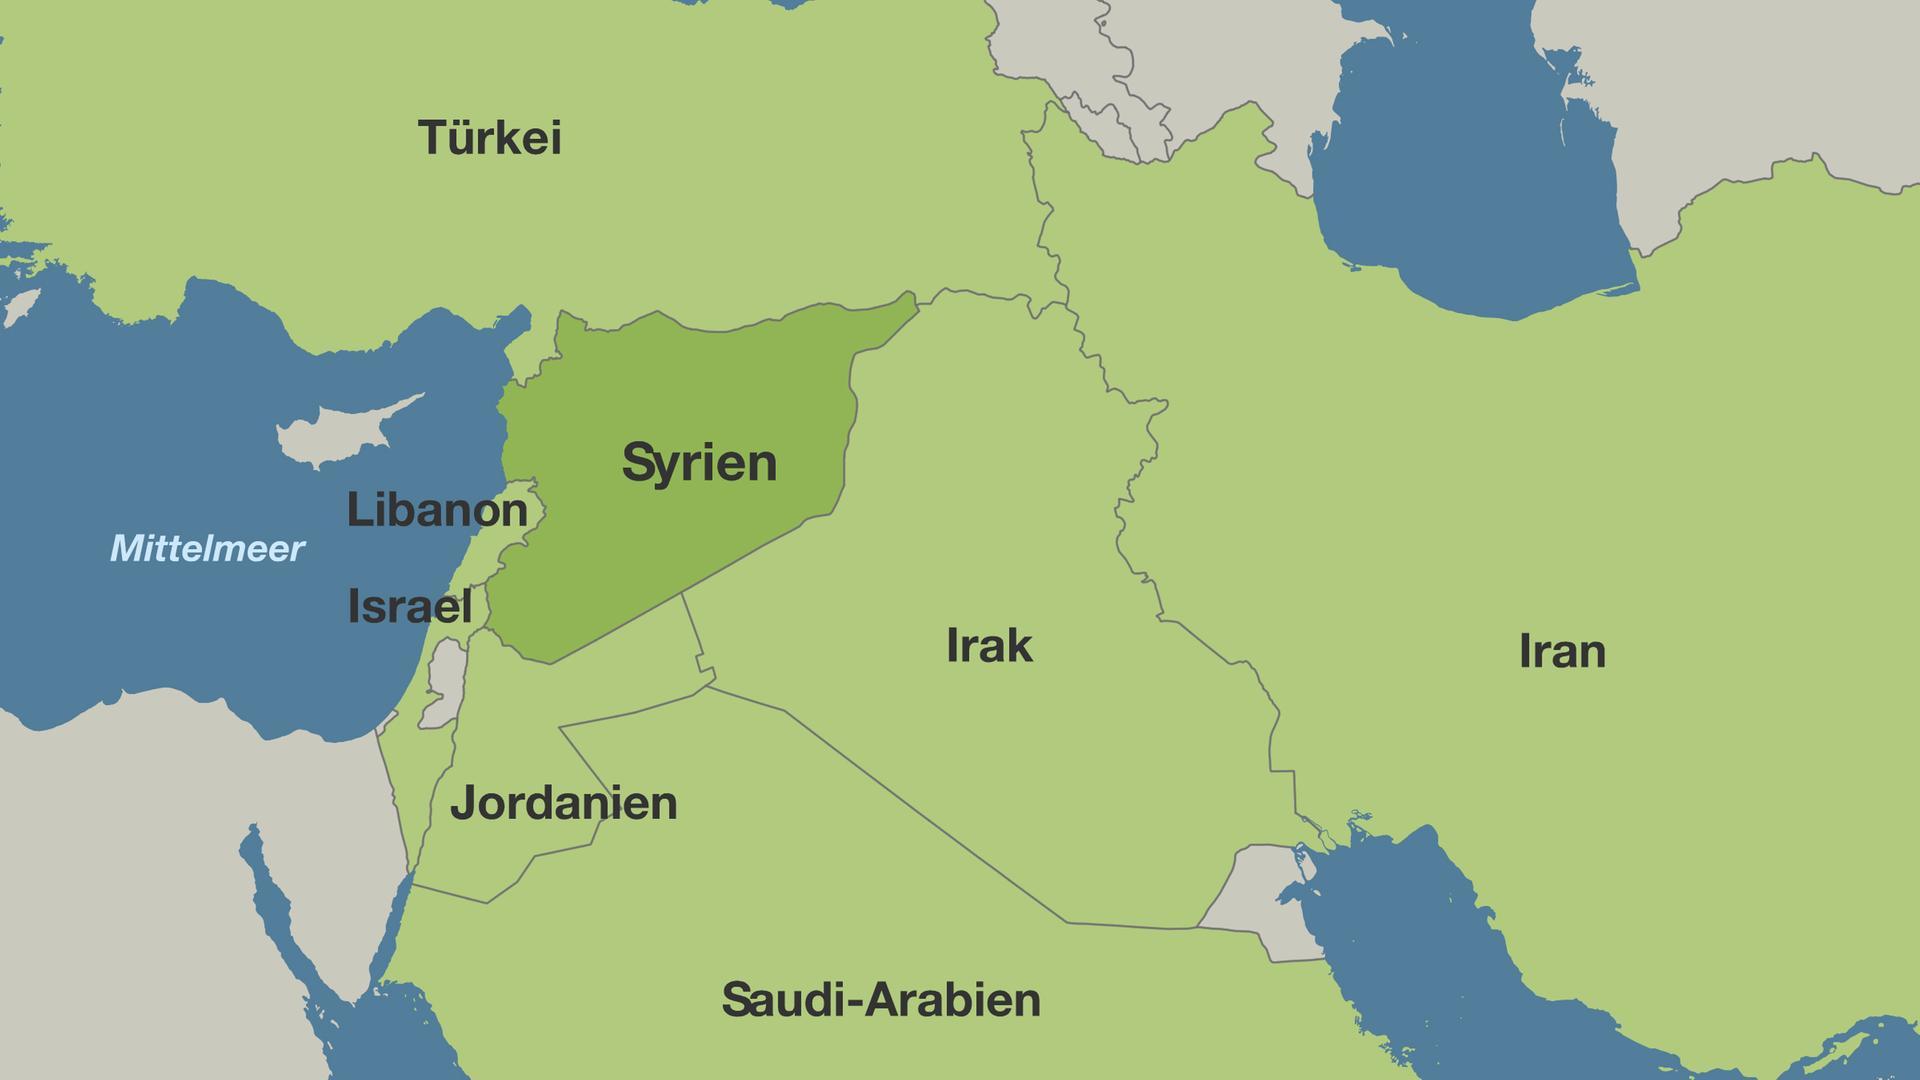 Karte Syrien.Wissenschaftliches Gutachten Bundestag Sieht Türkei Als